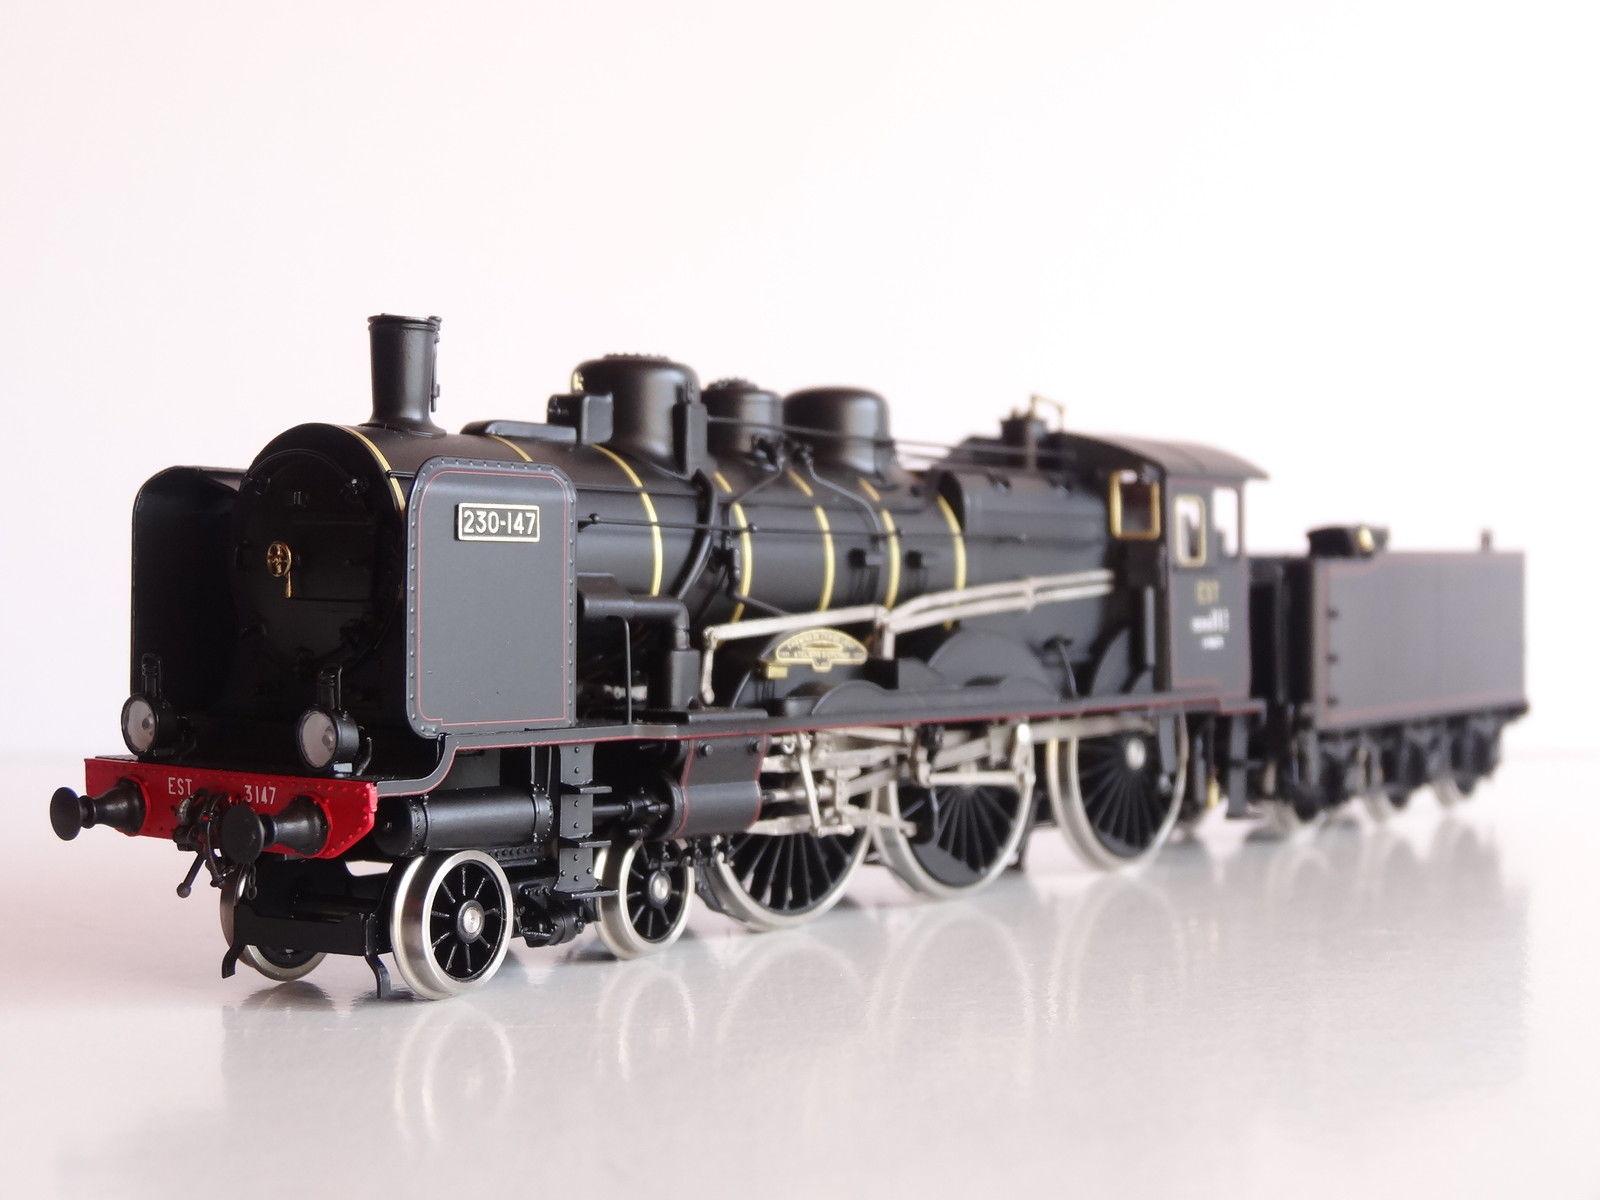 画像1: 鉄道模型 フルグレックス Fulgurex 2229 French EST 230-147 蒸気機関車 HOゲージ